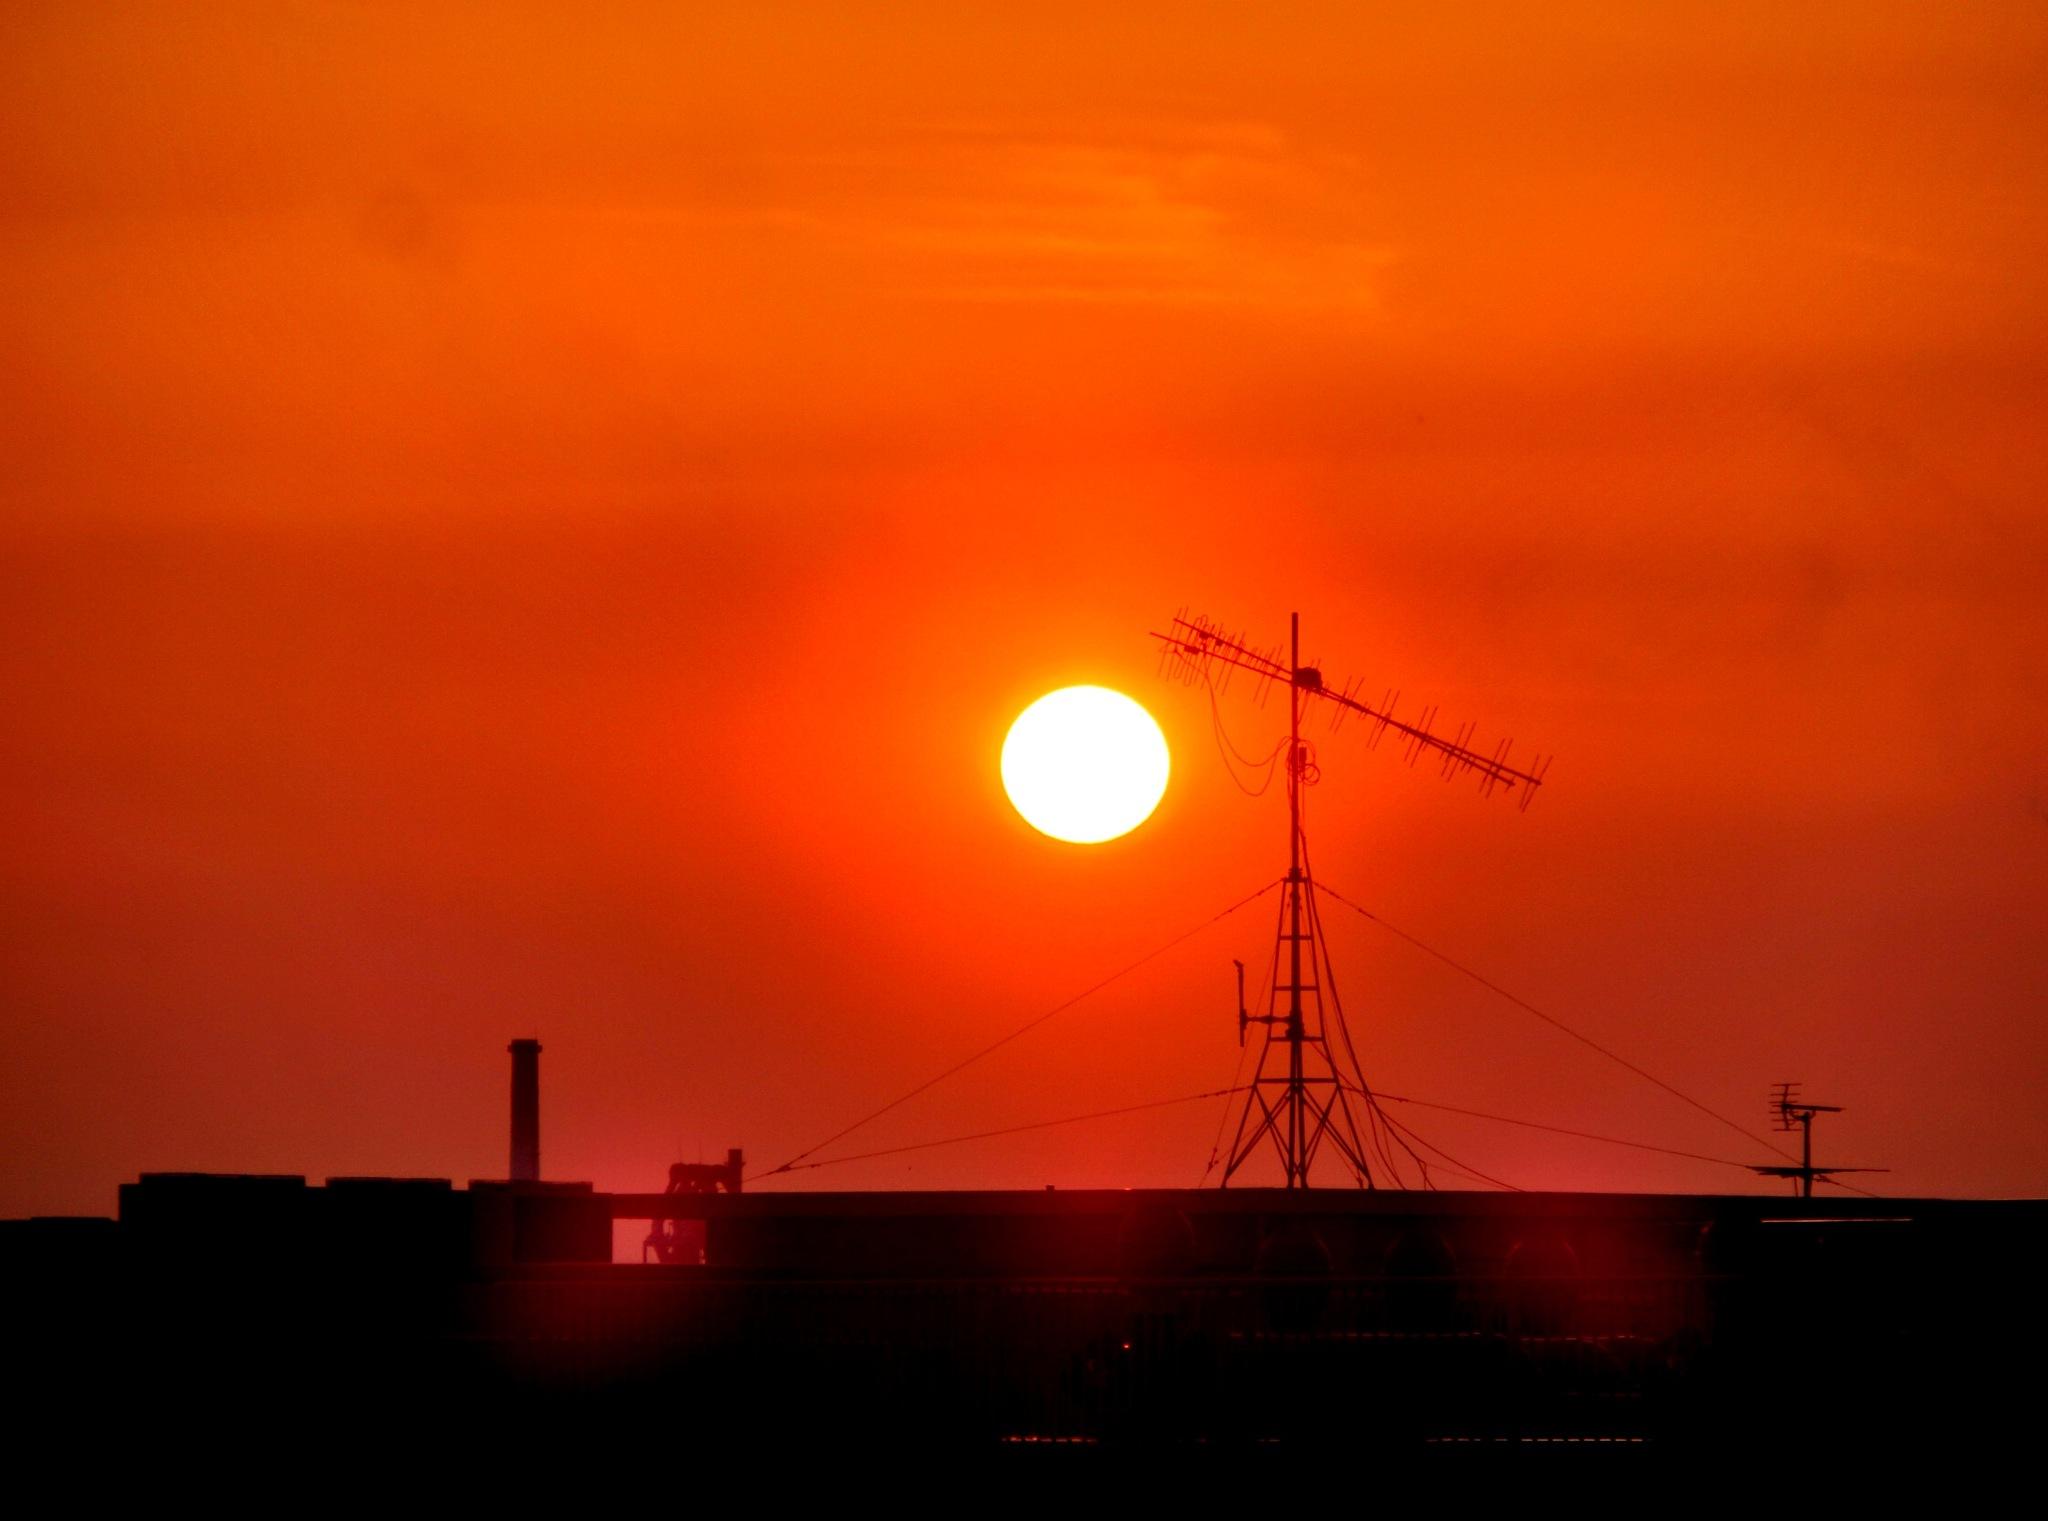 setting sun by takuya.murata.14